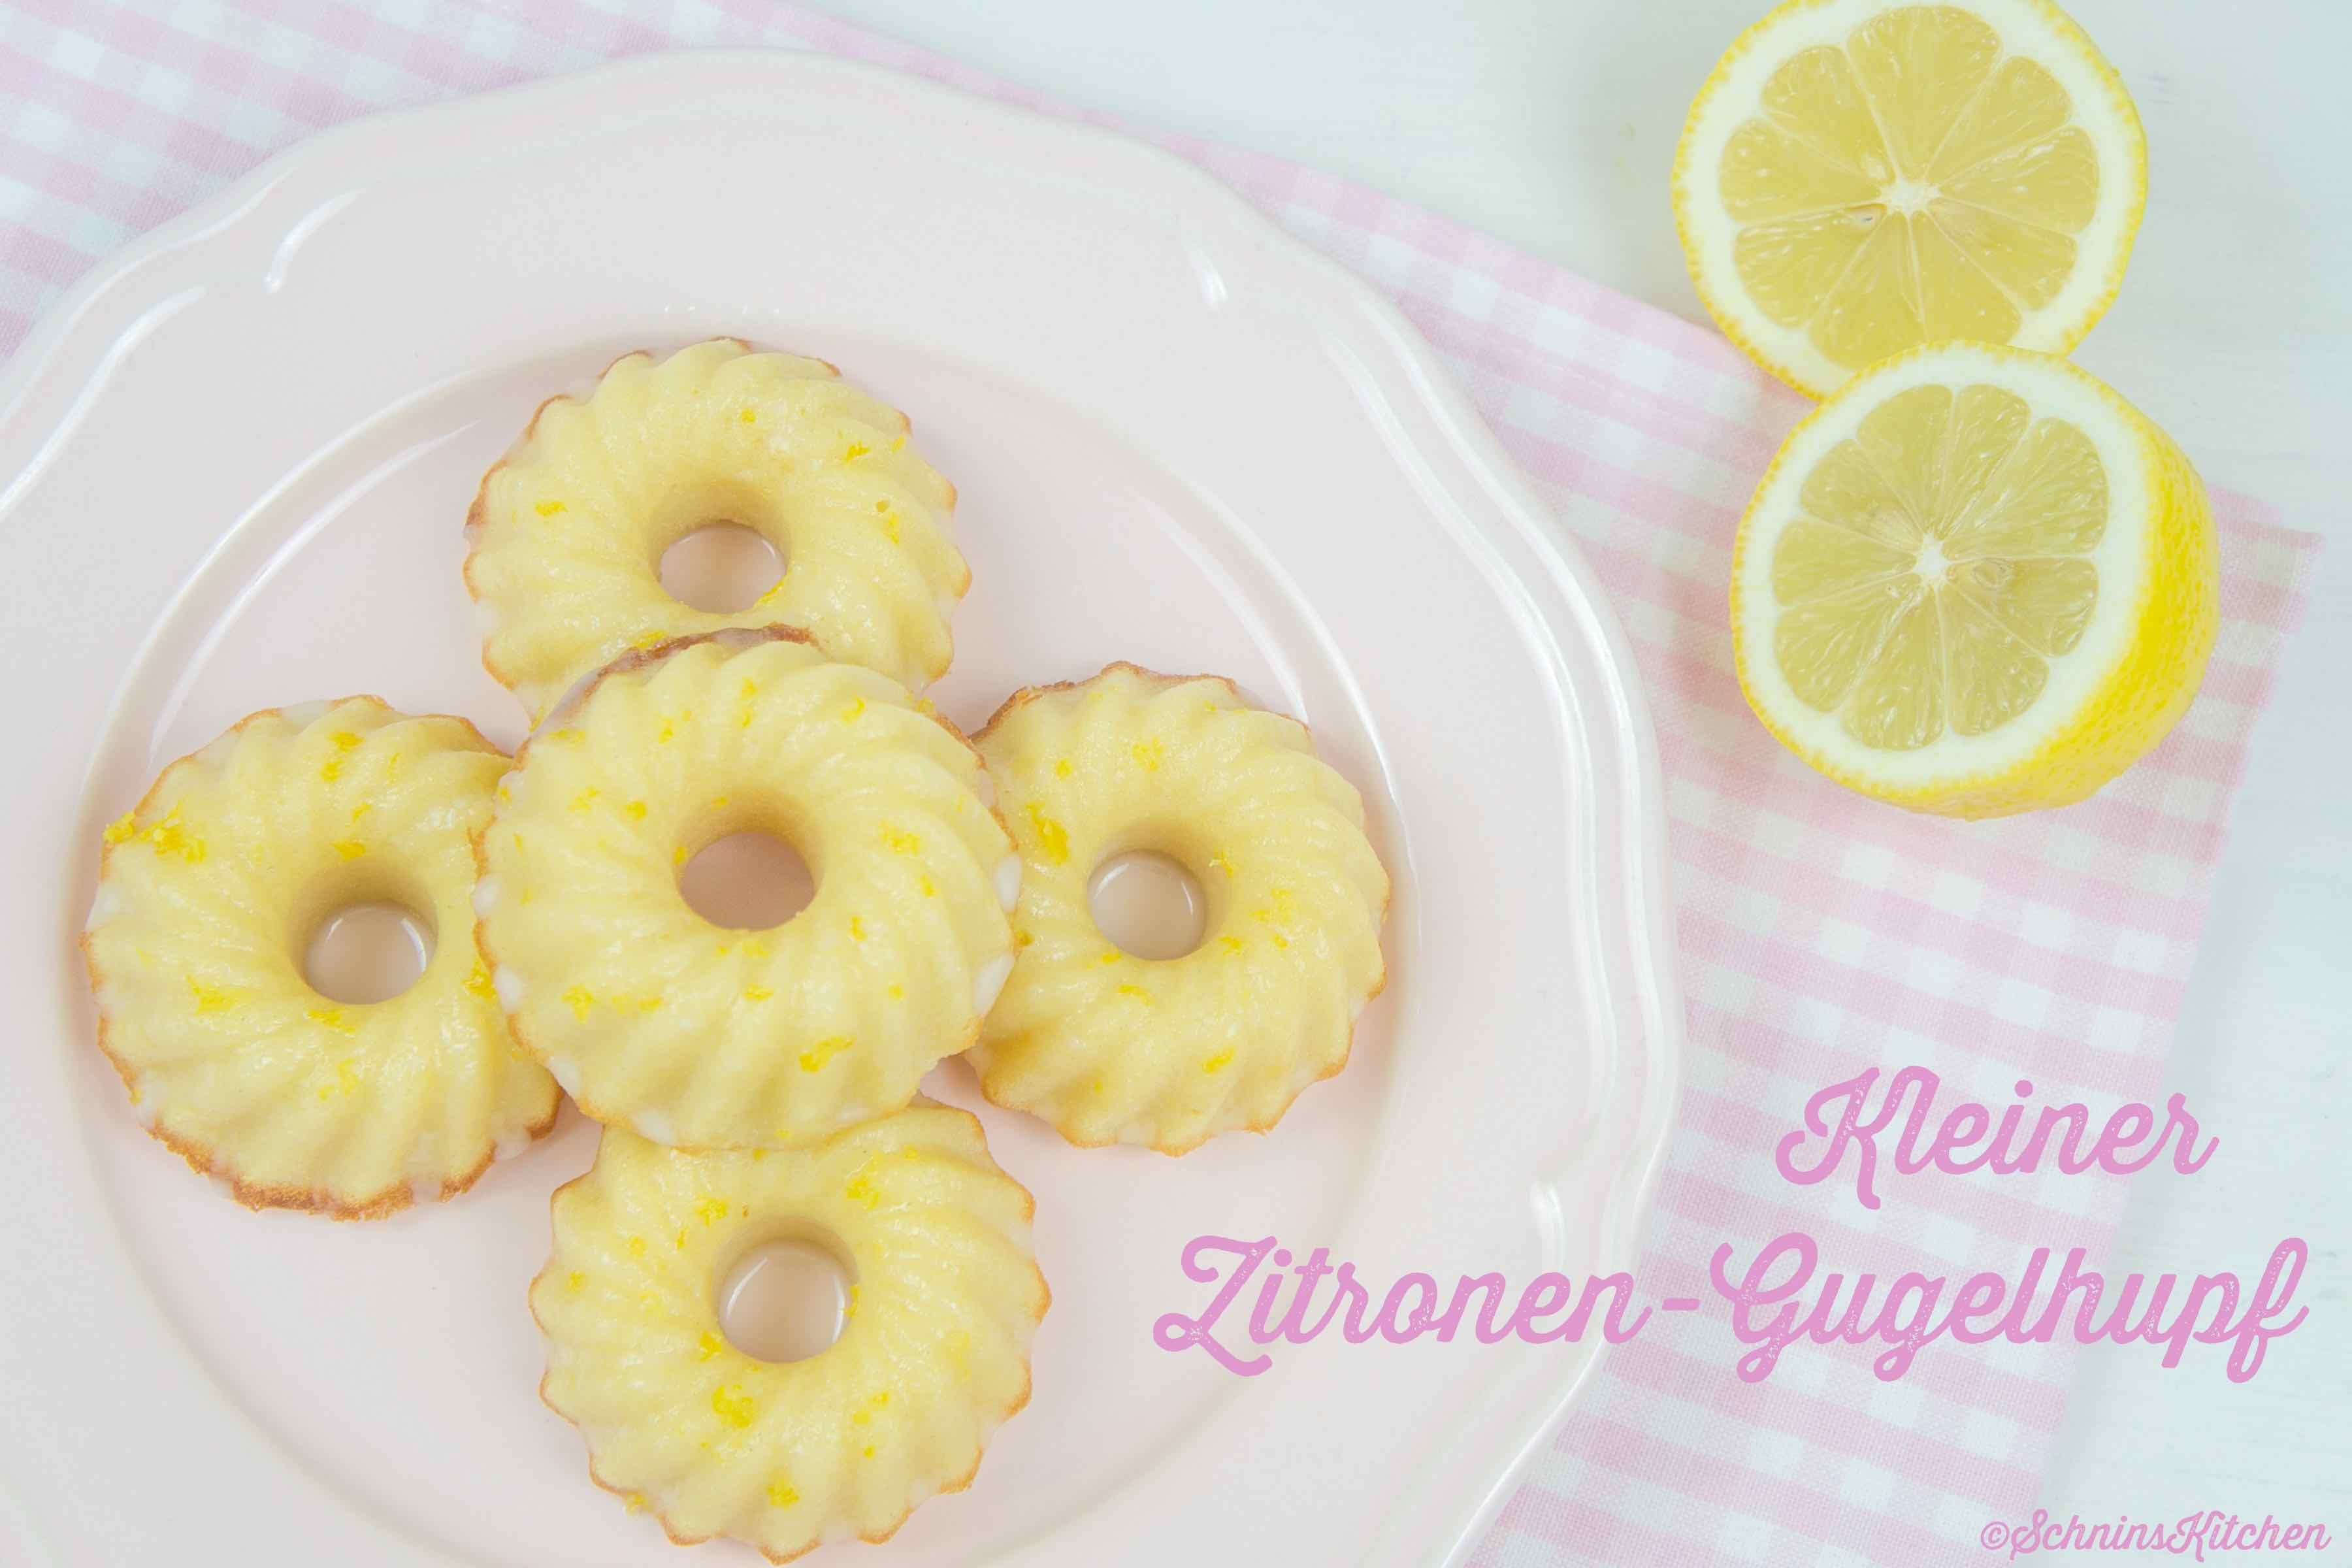 Kleine Zitronen-Gugelhupfe - kleine, feine Kuchen mit Zitrone und Glasur   www.schninskitchen.de